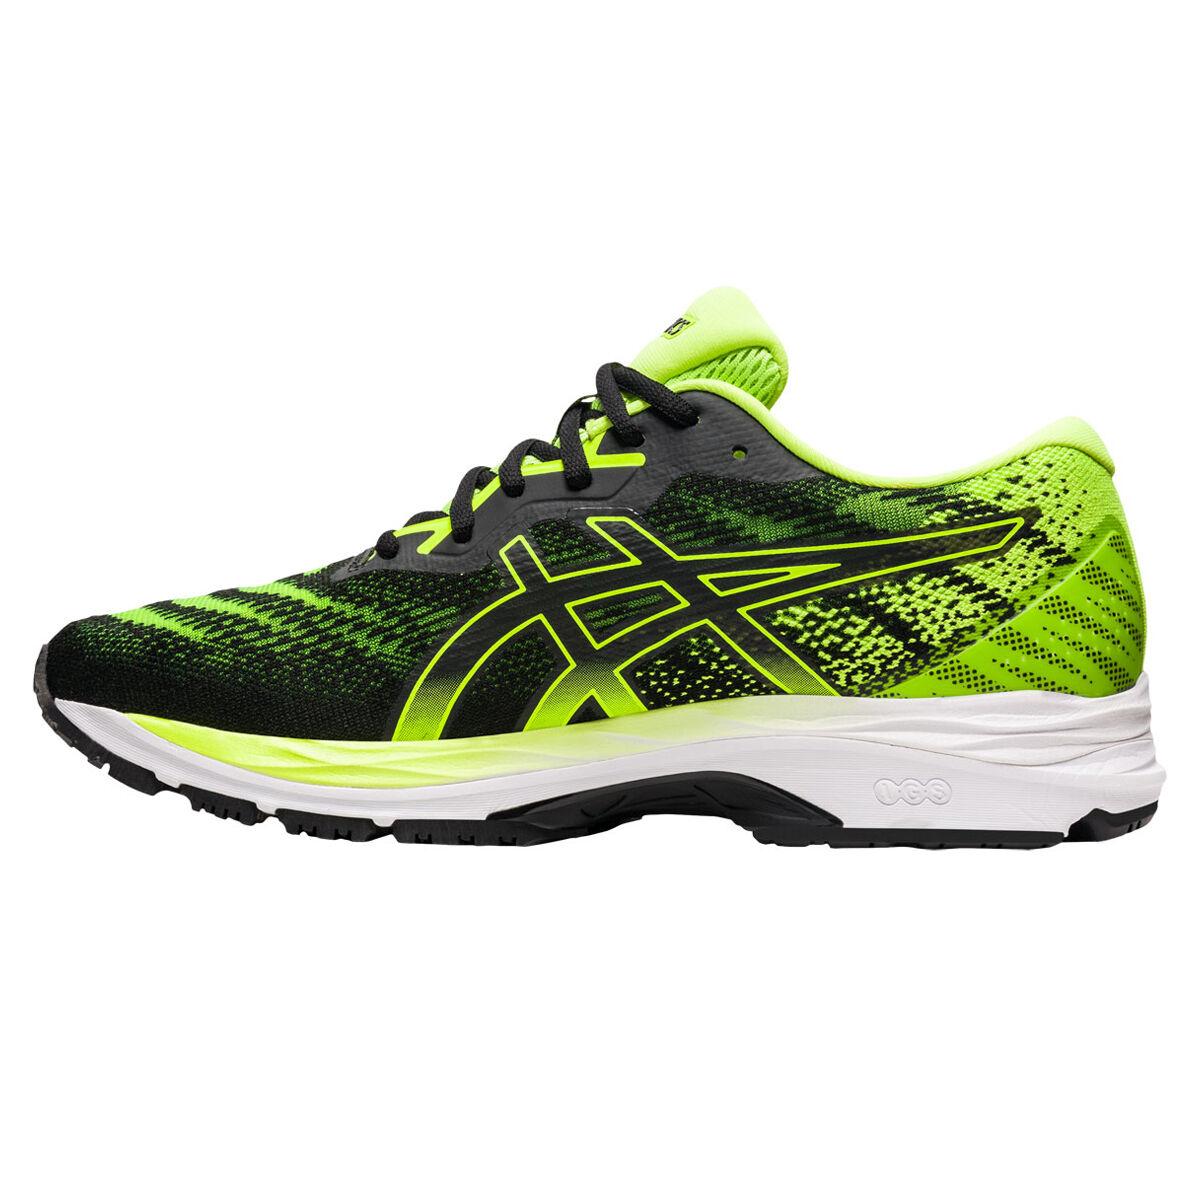 Asics GEL Ziruss 4 Mens Running Shoes   Thesommelierchef Sport